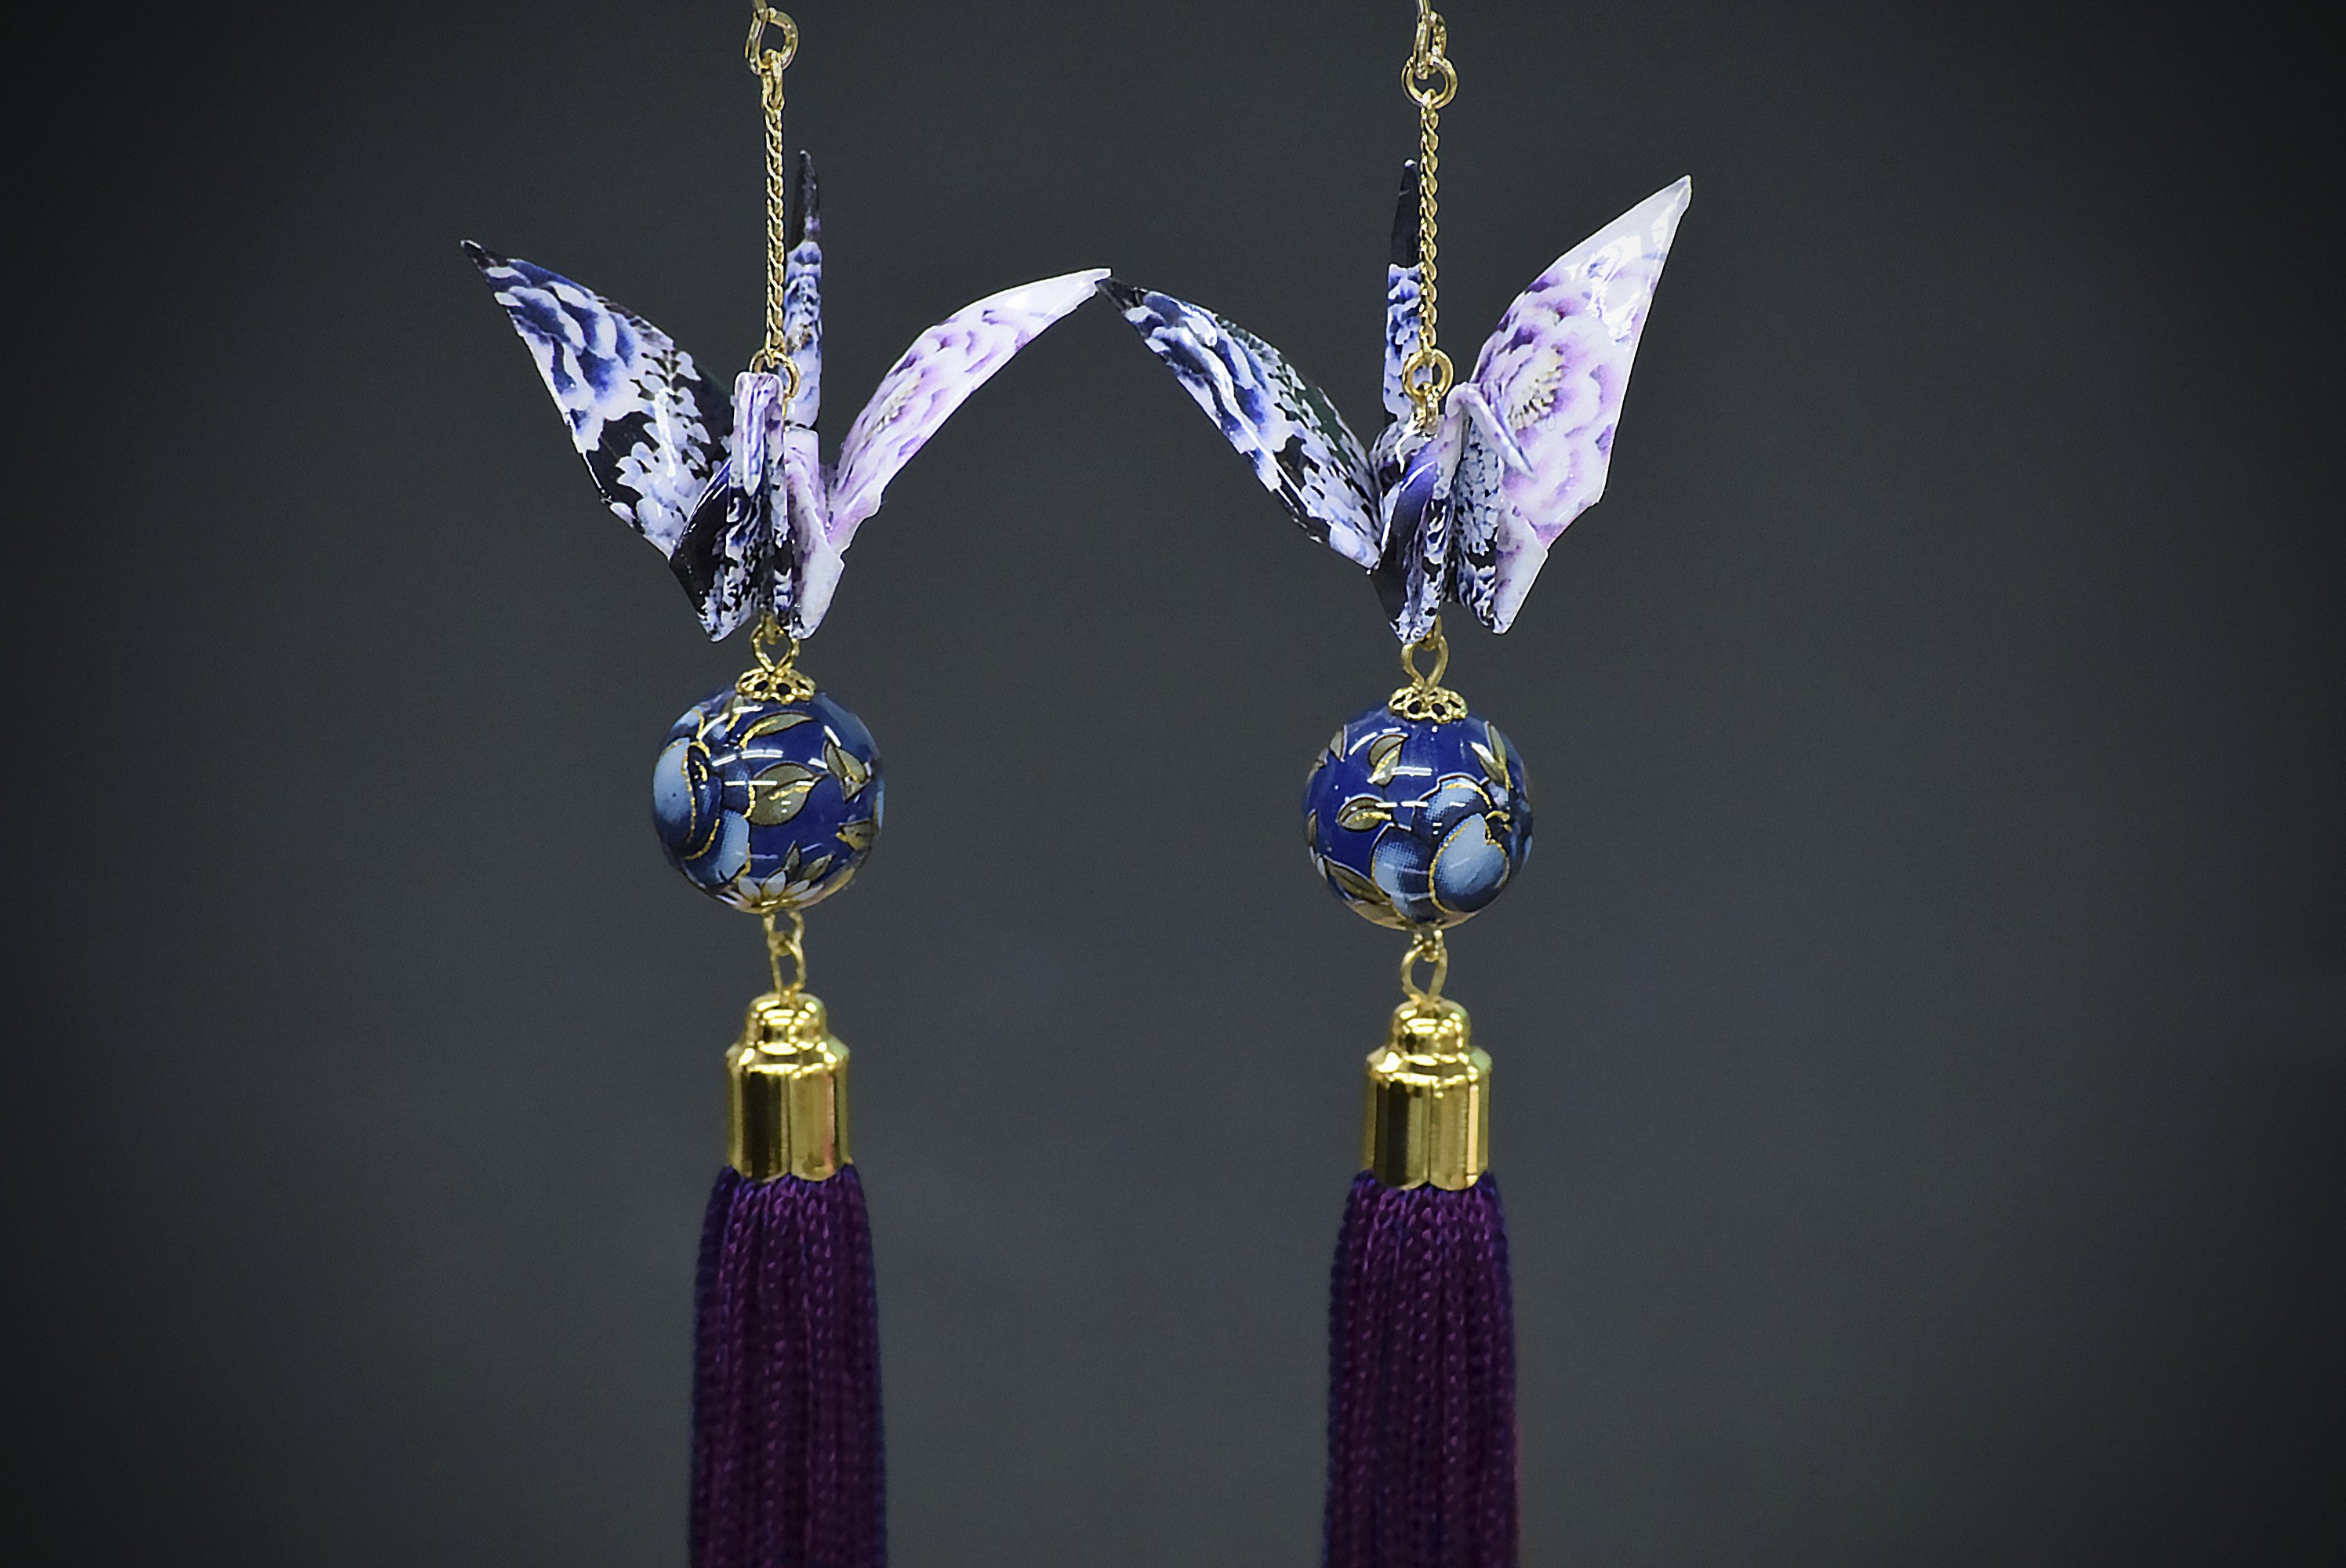 えっ!それ折り紙?って声がが聞こえてきそうな和紙とはちょっと違う艶やかなタッセル折り鶴ピアス。